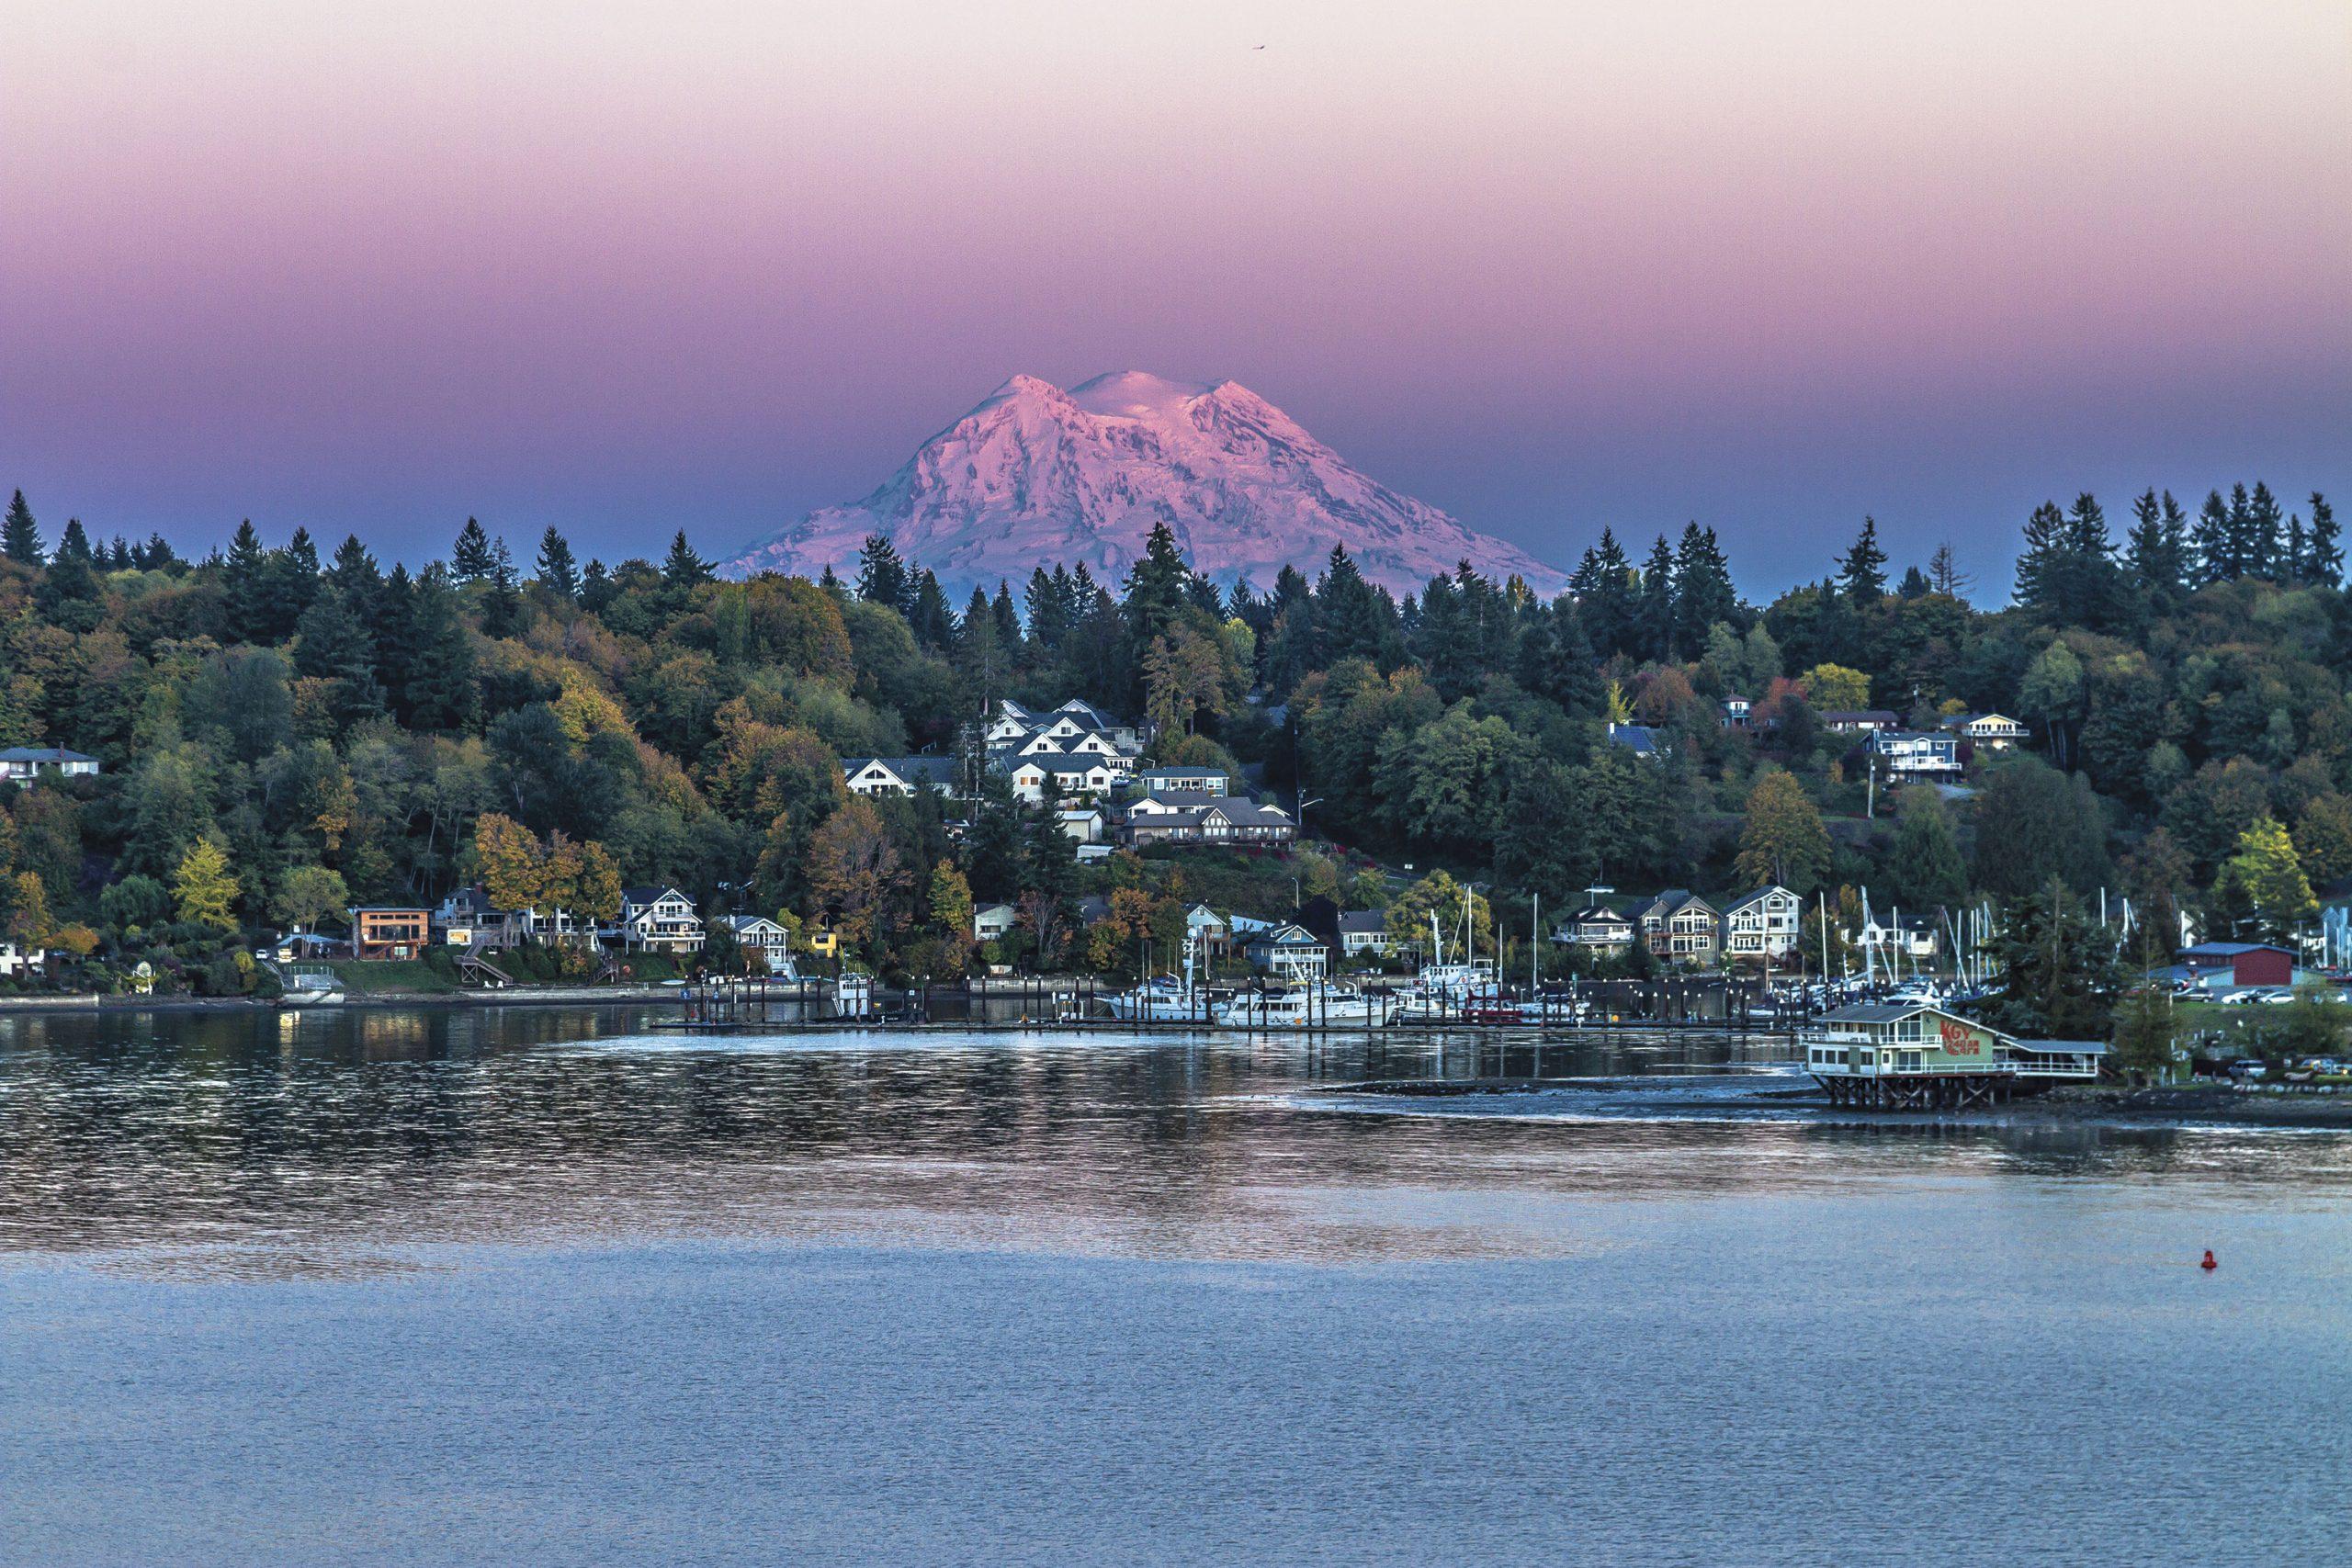 Sunset over Mount Rainier and Lake Washington; Photo courtesy stock.adobe.com